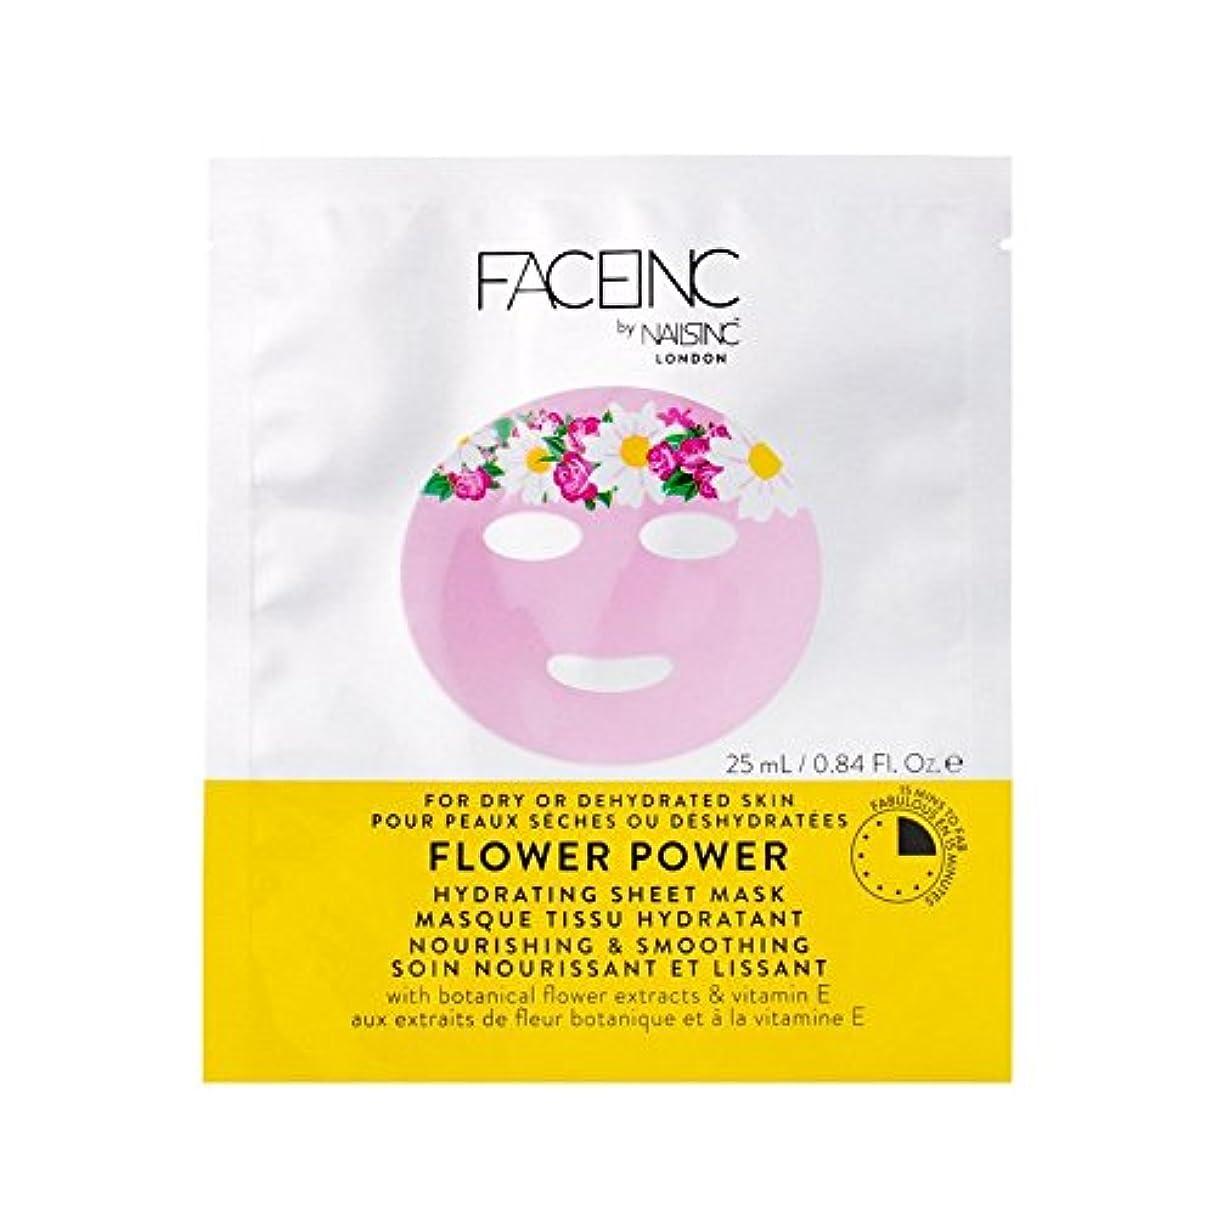 修復貸し手まつげ爪が株式会社顔株式会社花のパワーマスク x2 - Nails Inc. Face Inc Flower Power Mask (Pack of 2) [並行輸入品]